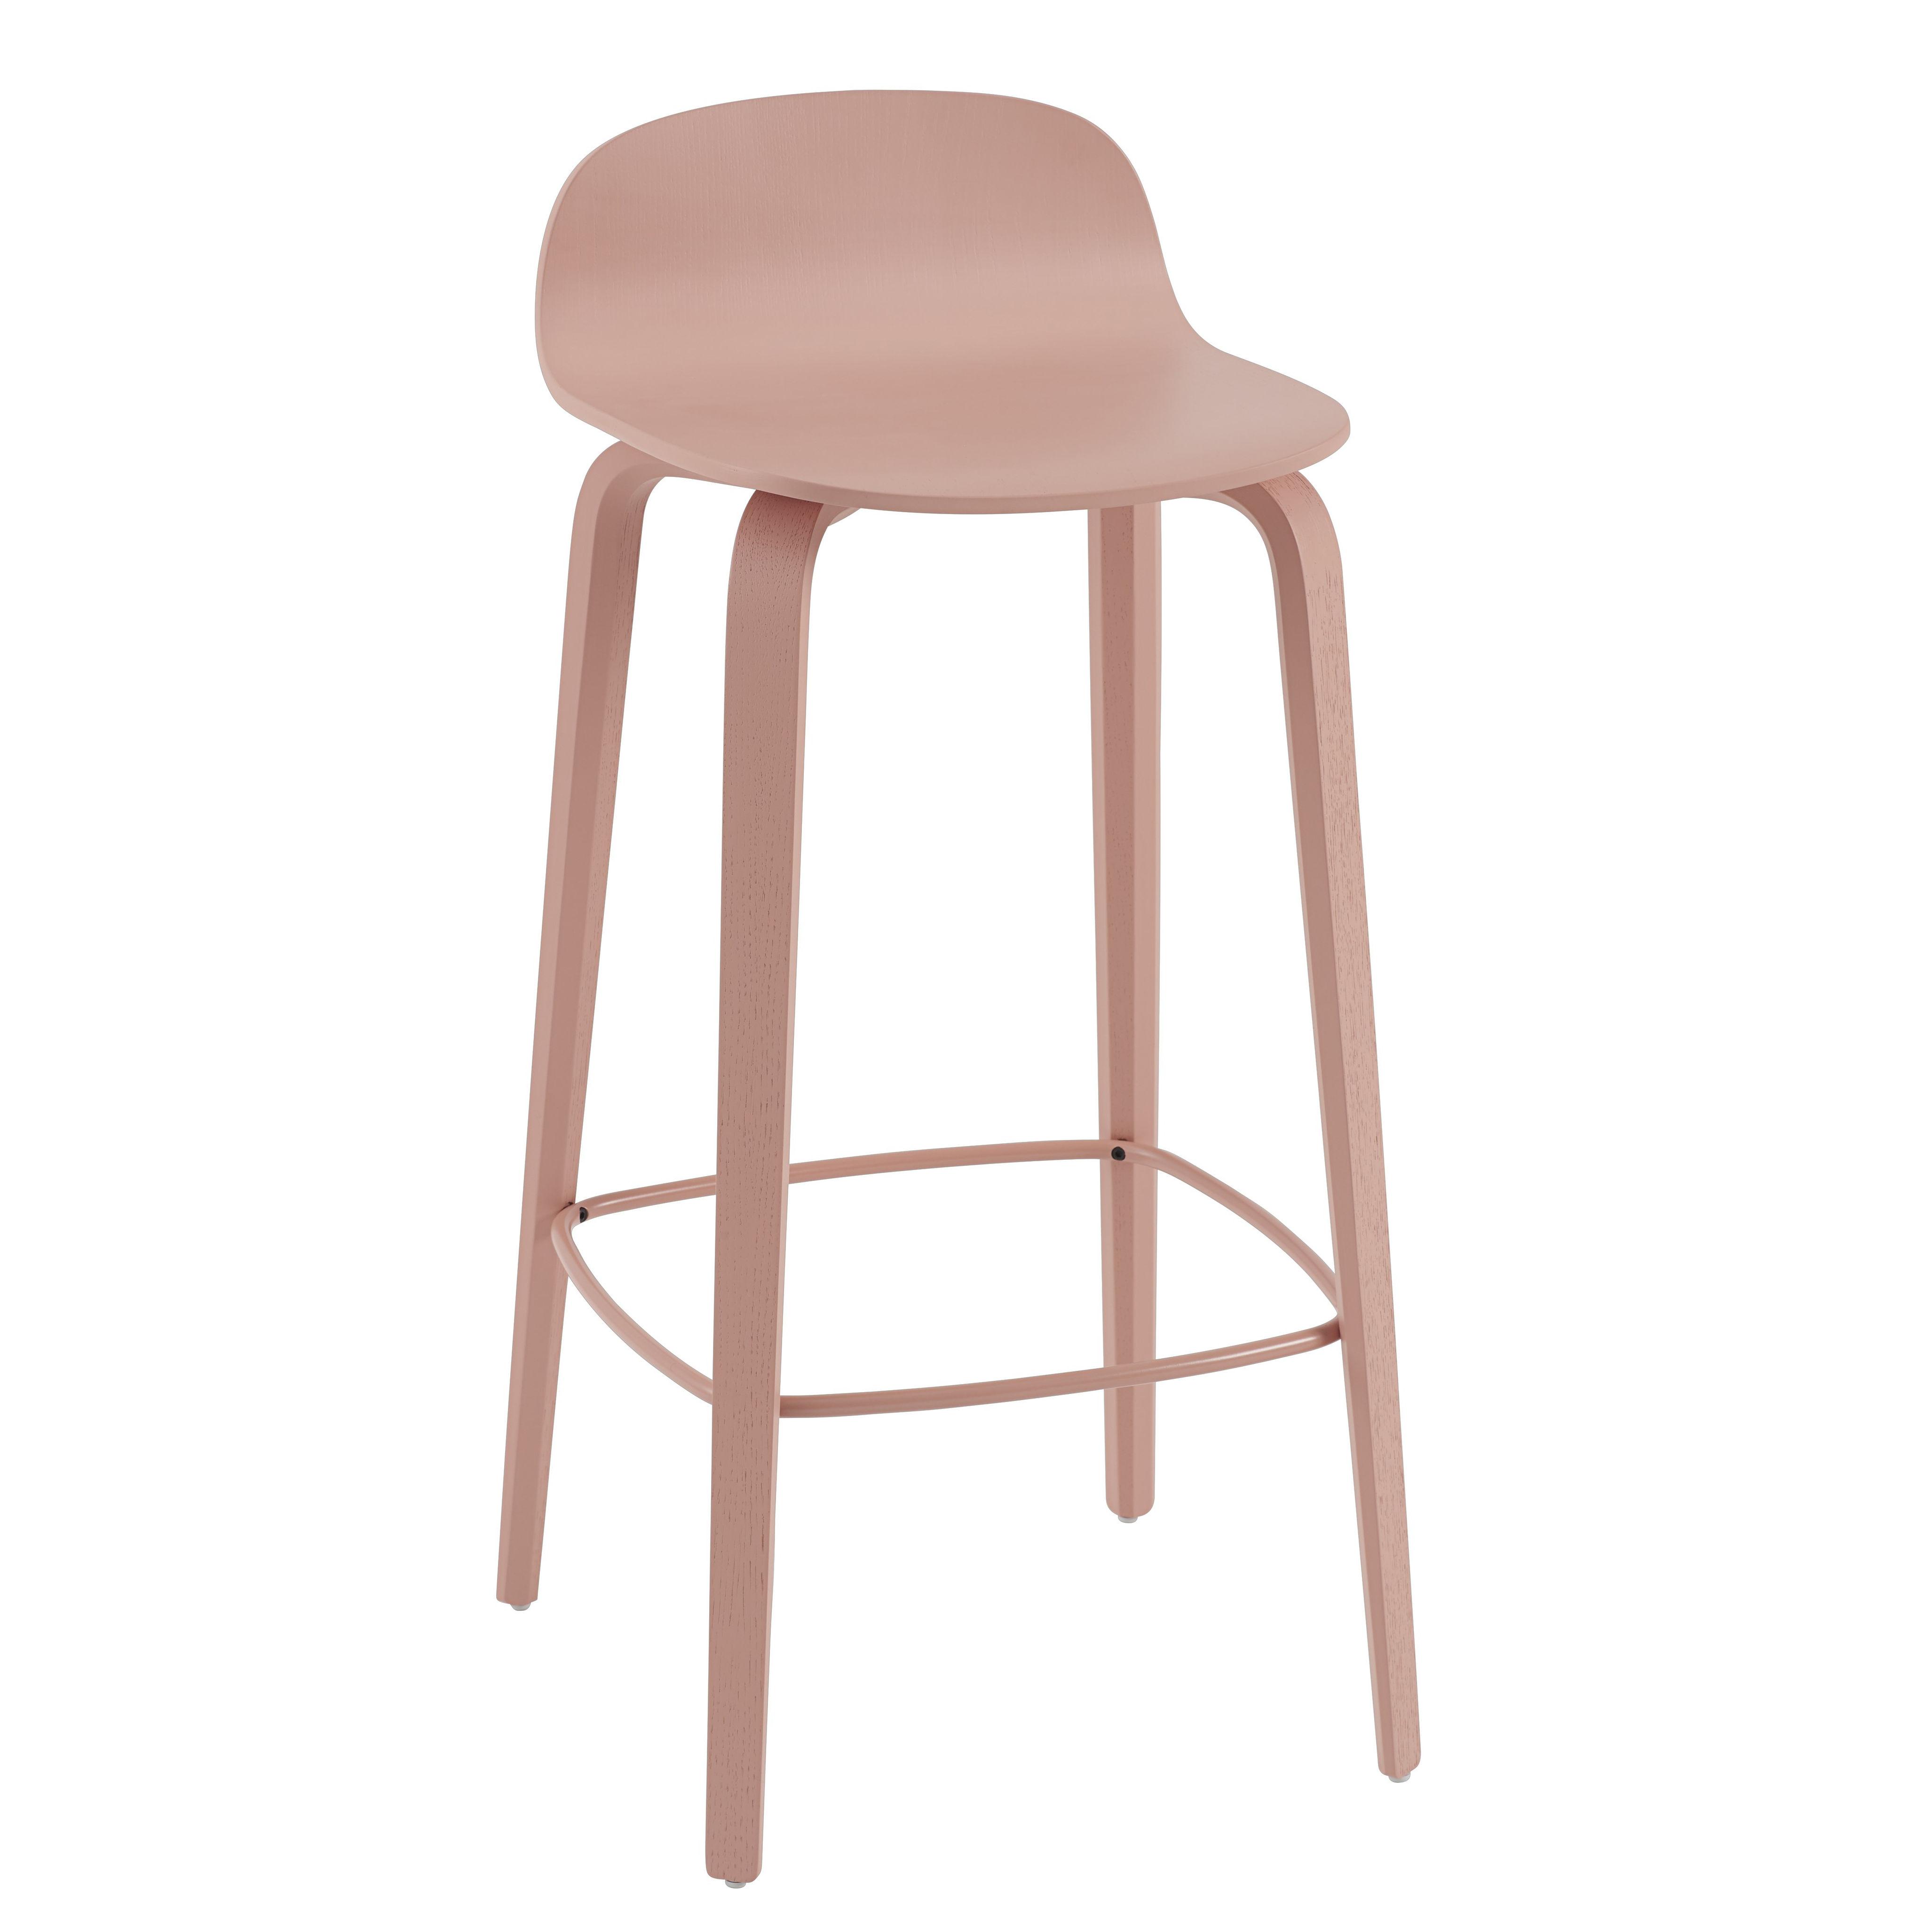 Arredamento - Sgabelli da bar  - Sgabello bar Visu - / legno - H 75 cm di Muuto - Rosachiaro / Poggiapiedi rosa - Acciaio verniciato, Compensato di rovere